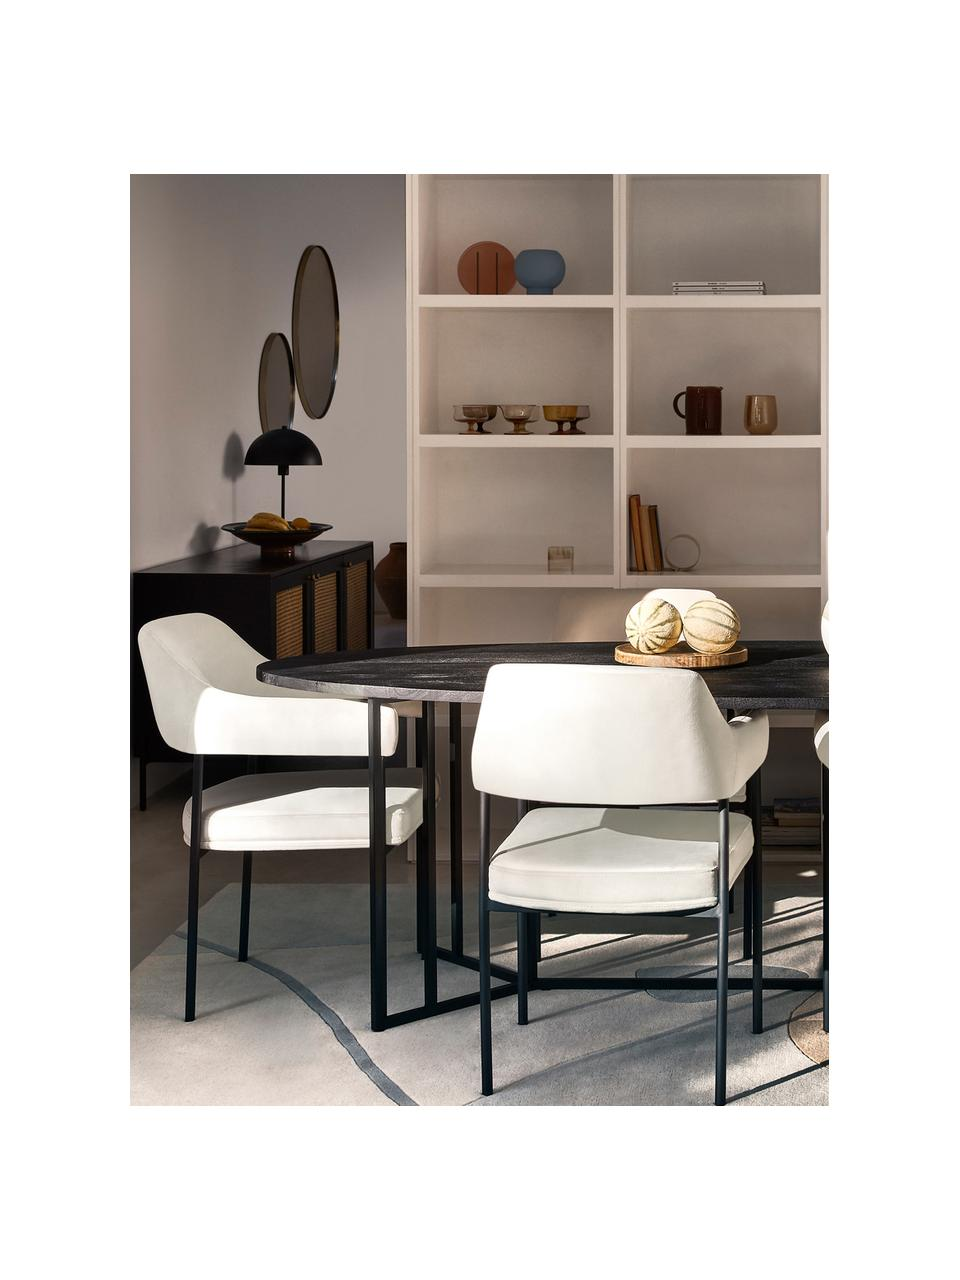 Sedia con braccioli in velluto Zoe, Rivestimento: velluto (poliestere) Con , Struttura: metallo verniciato a polv, Velluto bianco crema, Larg. 56 x Prof. 62 cm